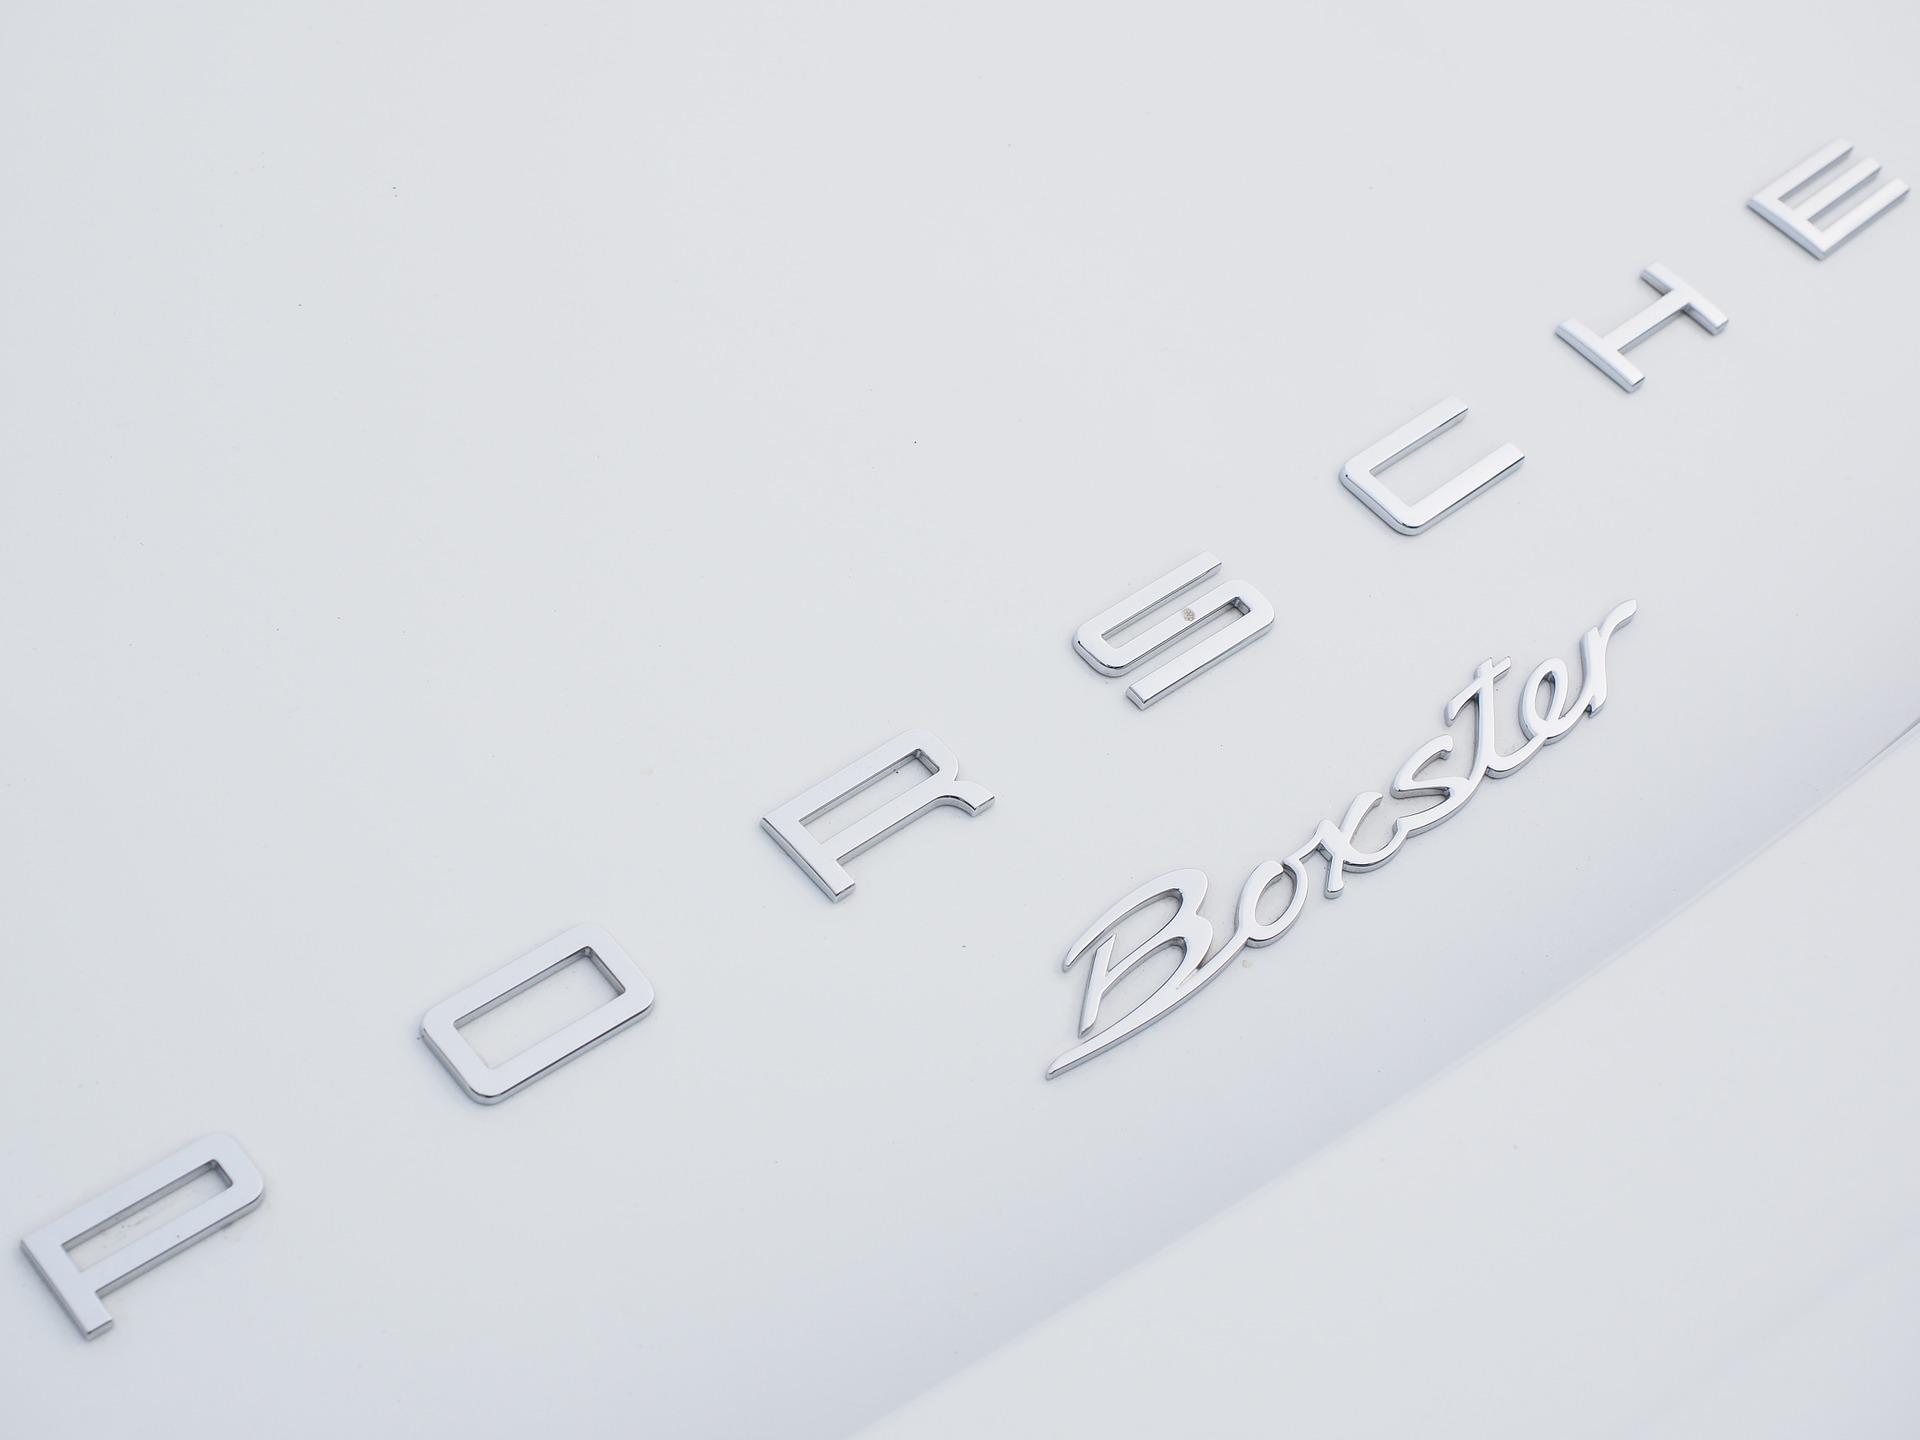 Porsche : 200 millions d'euros pour le développement des services numériques-1